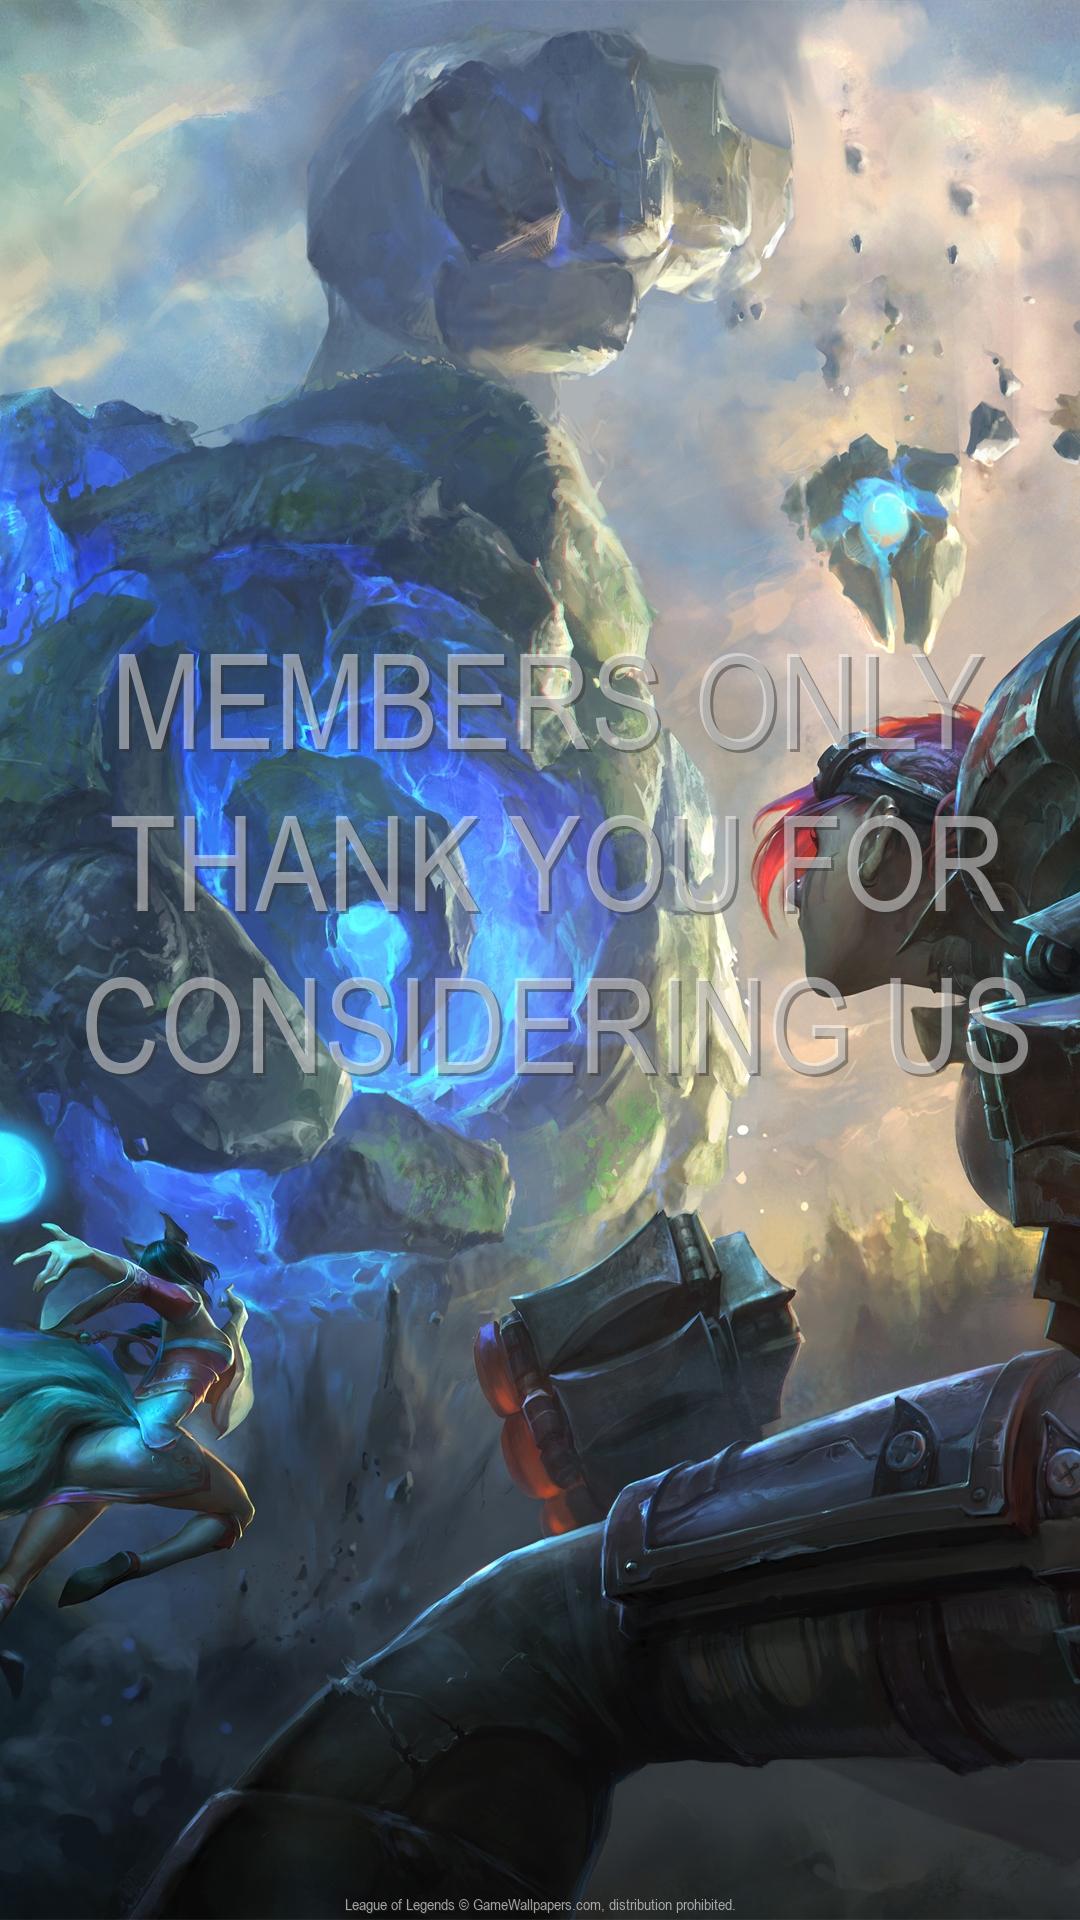 League of Legends 1920x1080 Handy Hintergrundbild 21